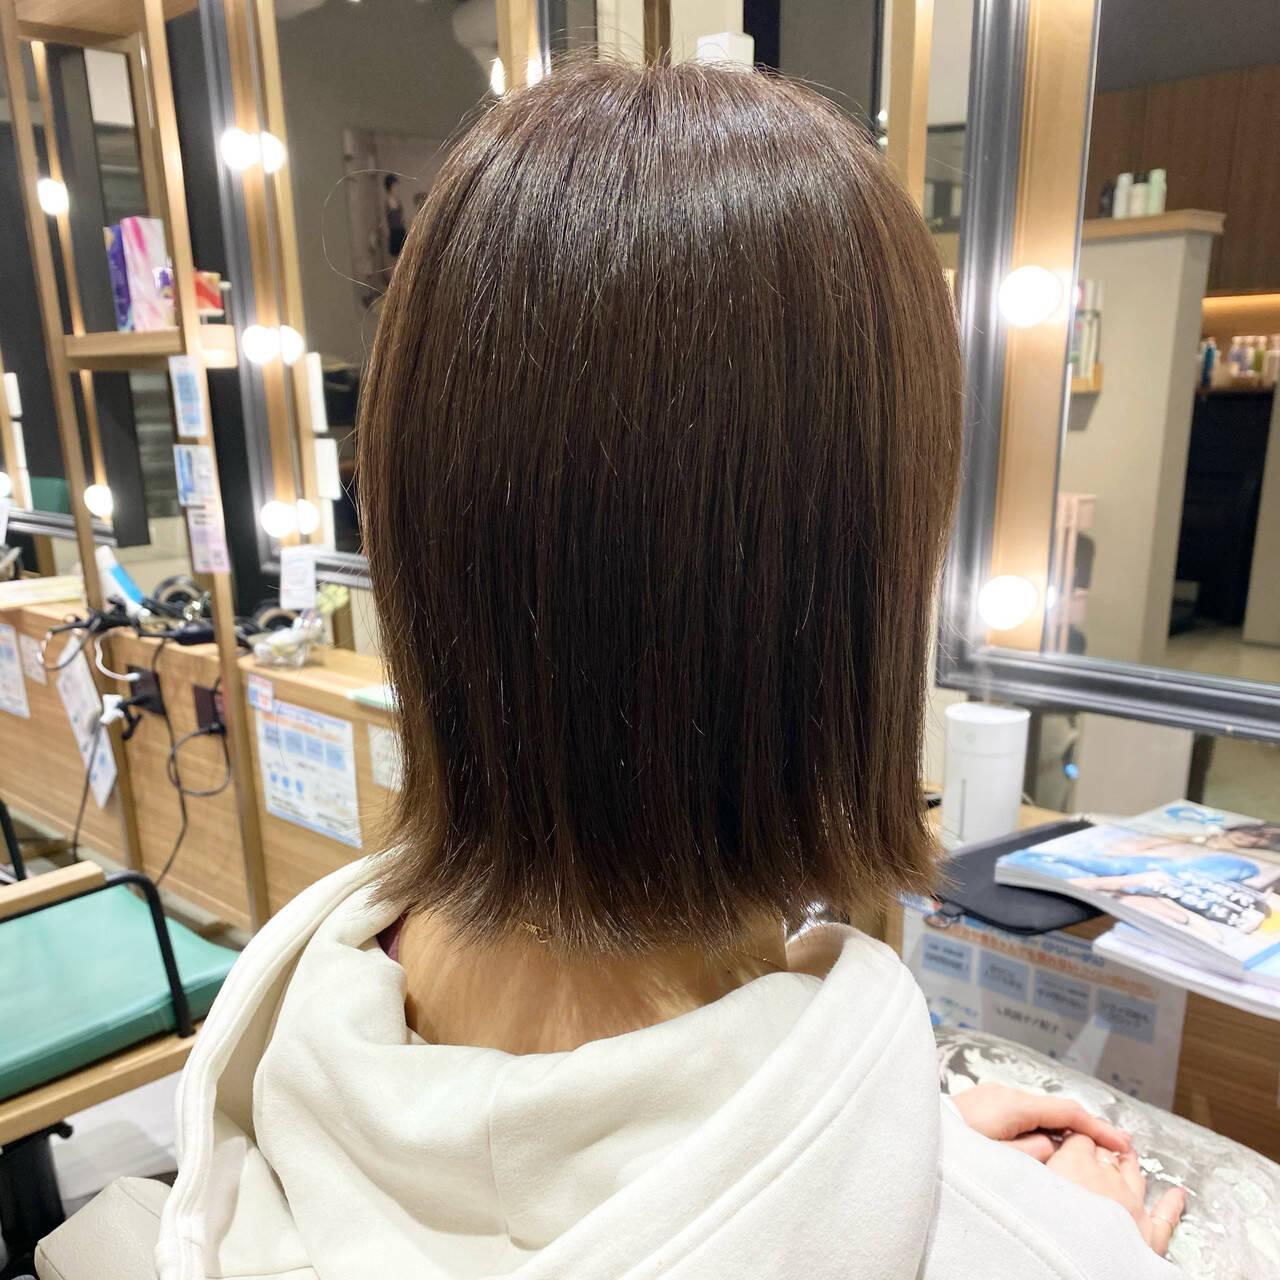 グレージュ ナチュラル 外ハネボブ 切りっぱなしヘアスタイルや髪型の写真・画像